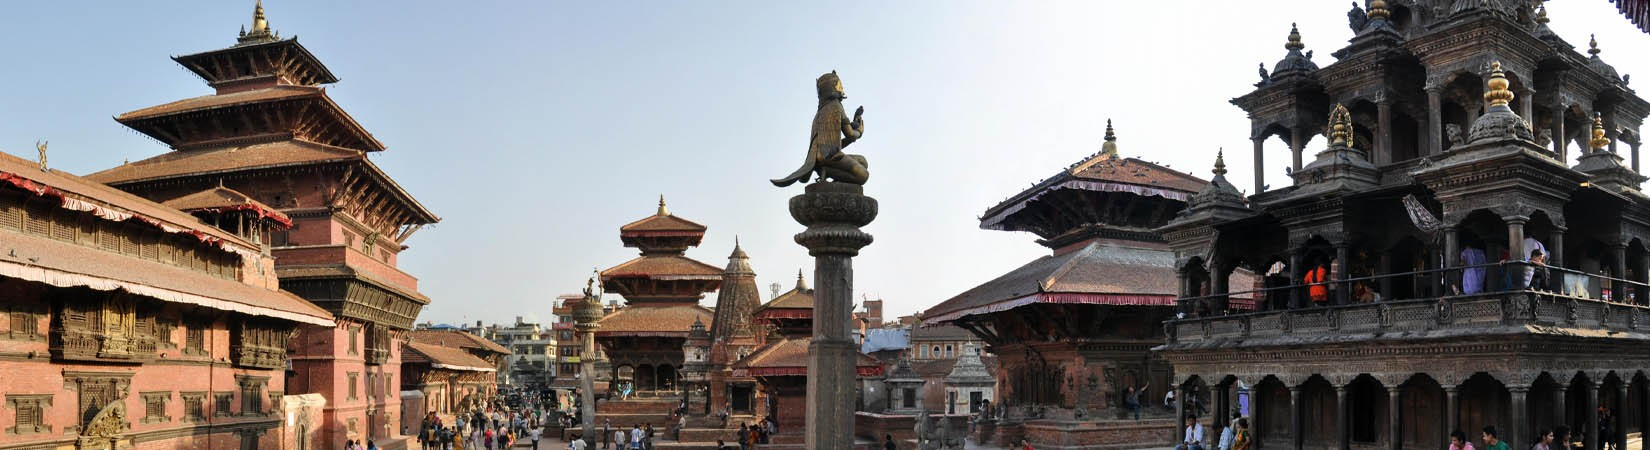 Le site du patrimoine de l'UNESCO de place Patan Durbar Square